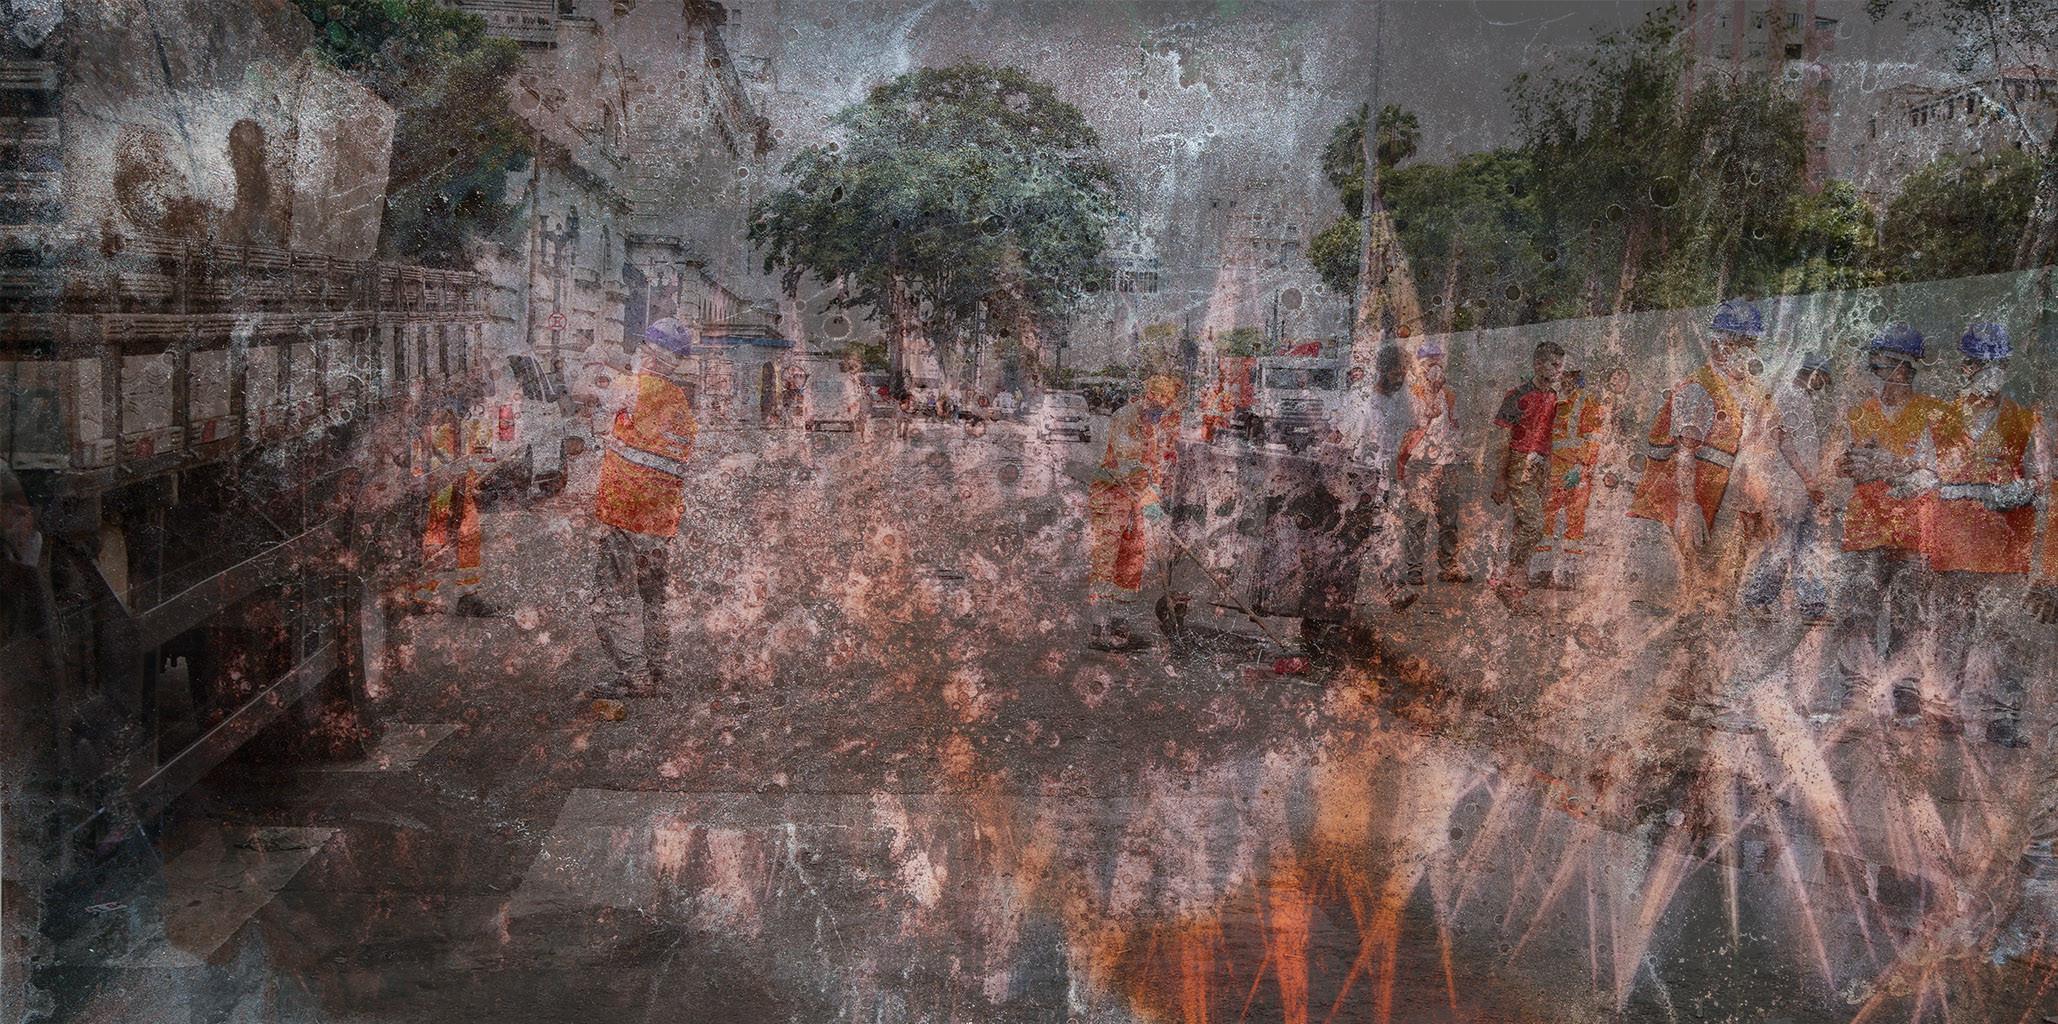 Ensaio Cidade Apagada JulioKohl04.jpg